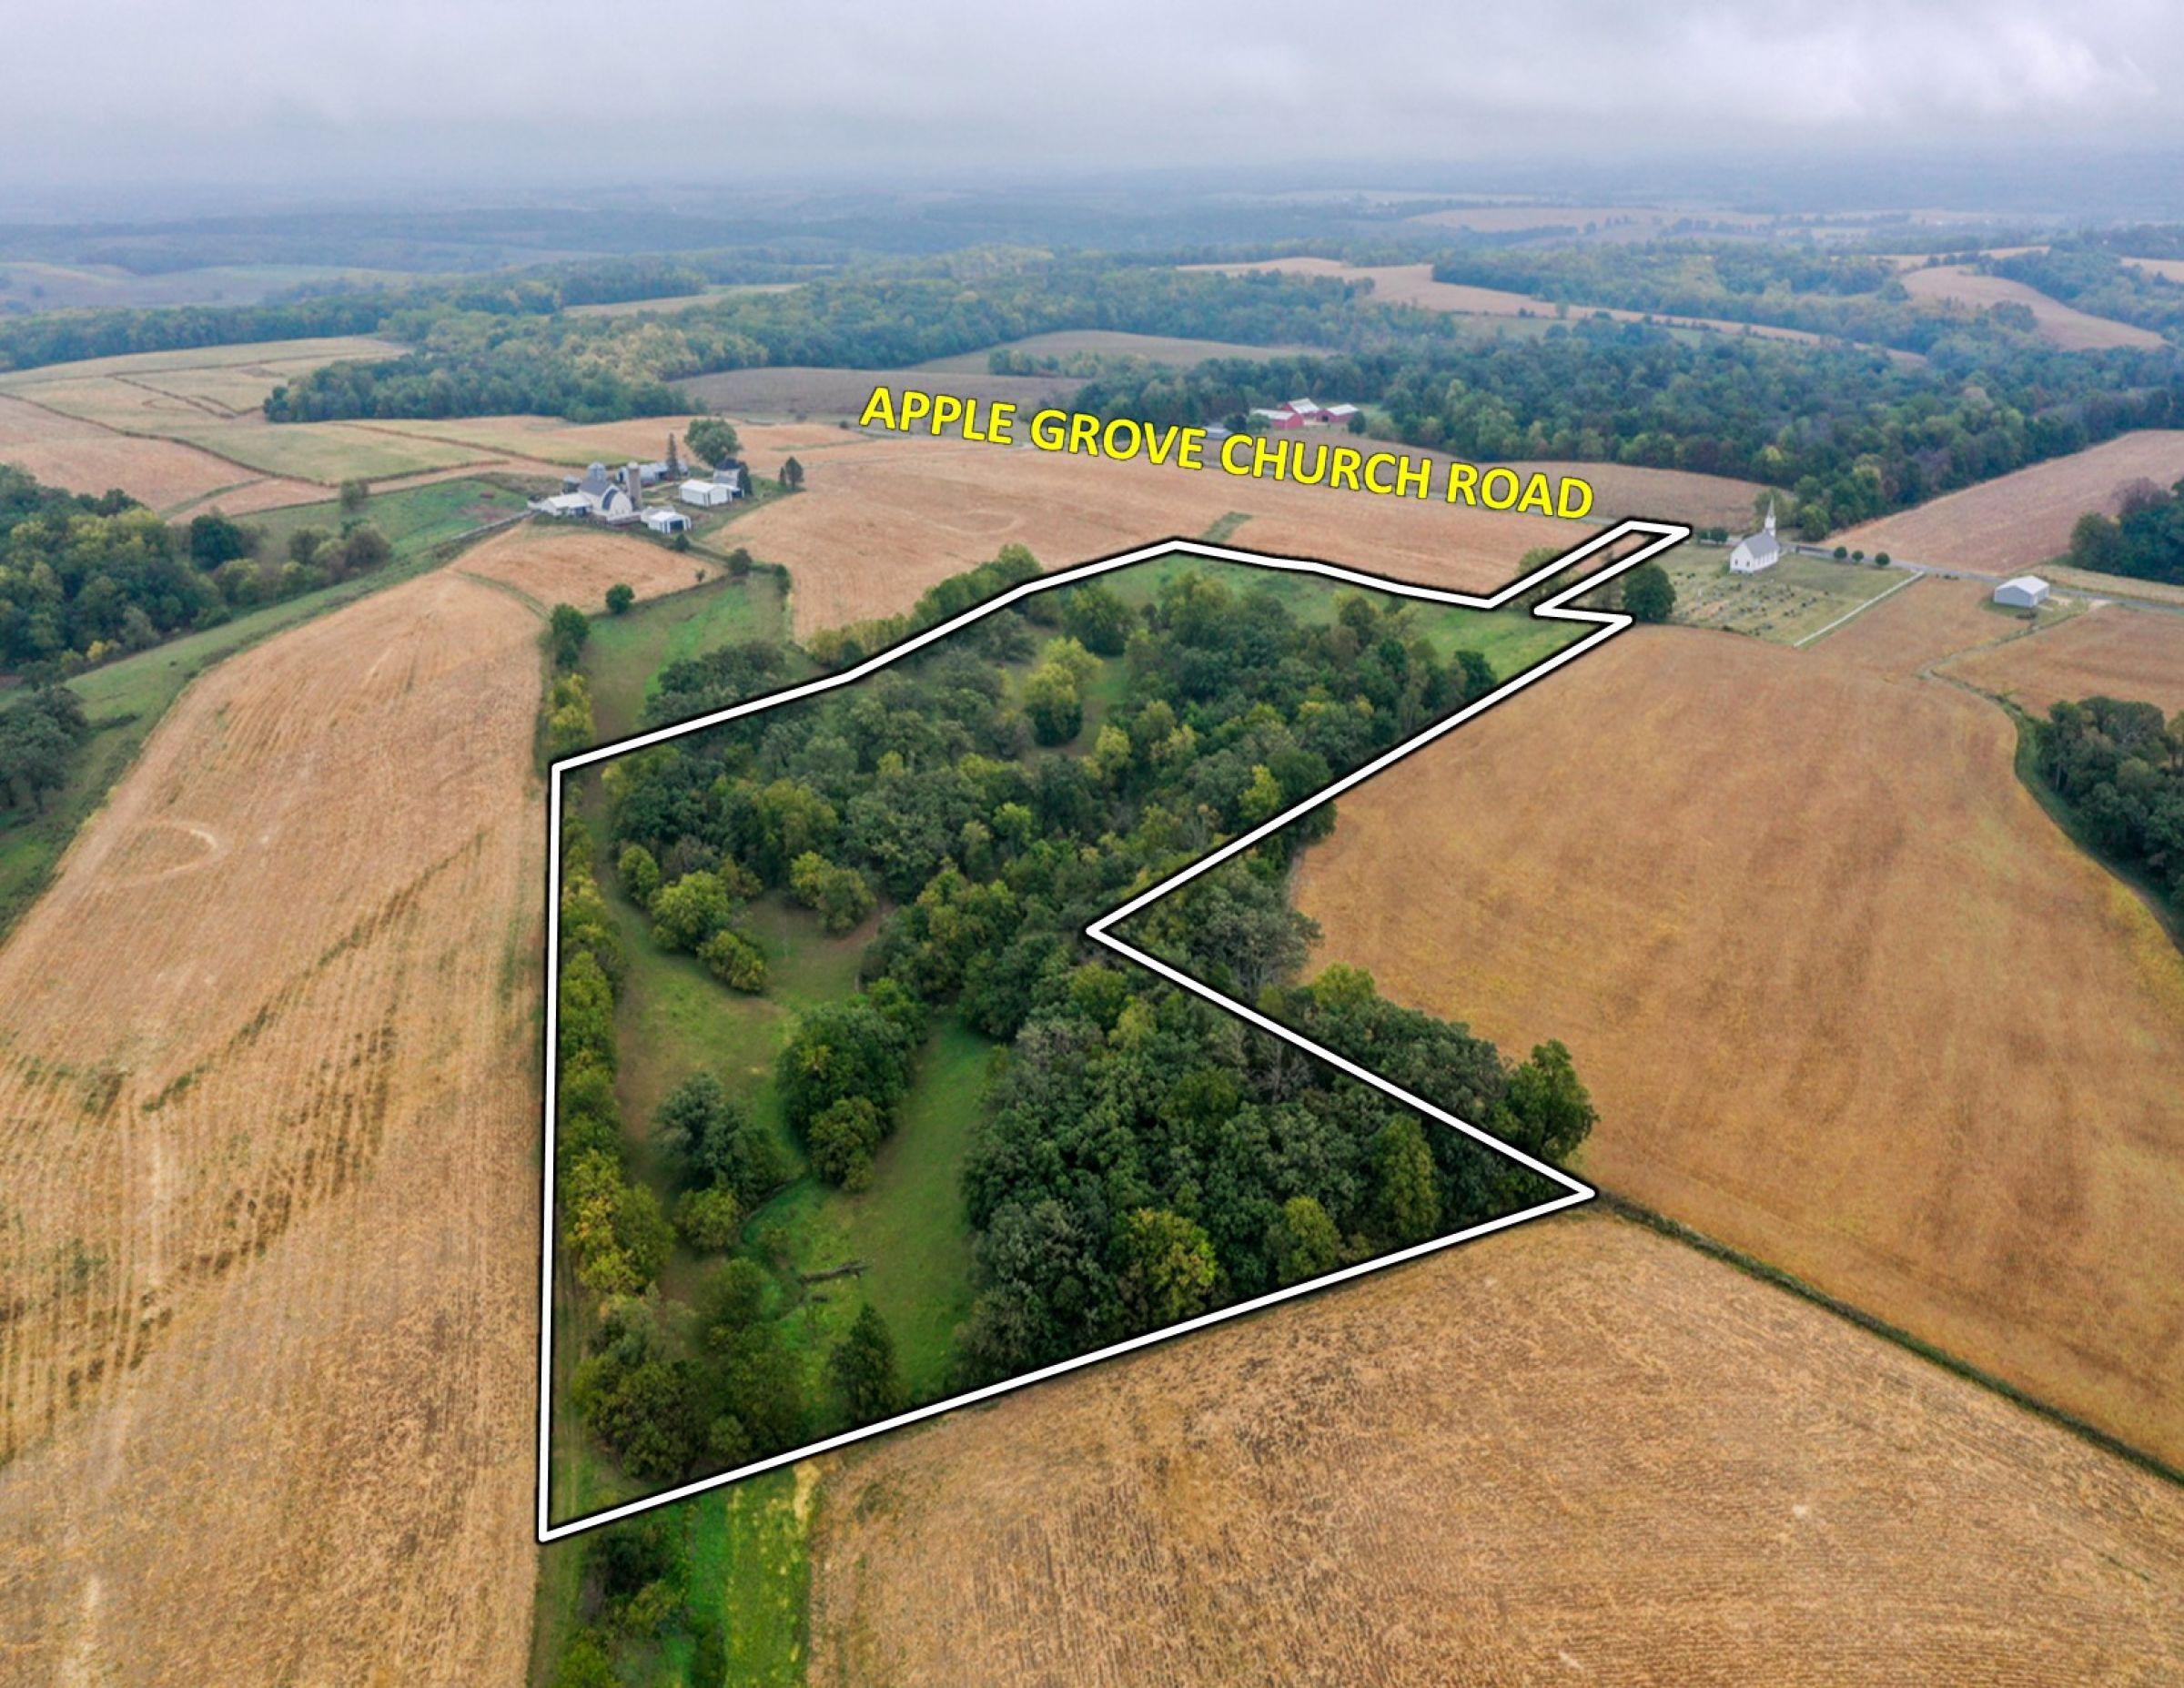 2-apple-grove-church-road-argyle-53504-2-2021-09-29-211537.jpg